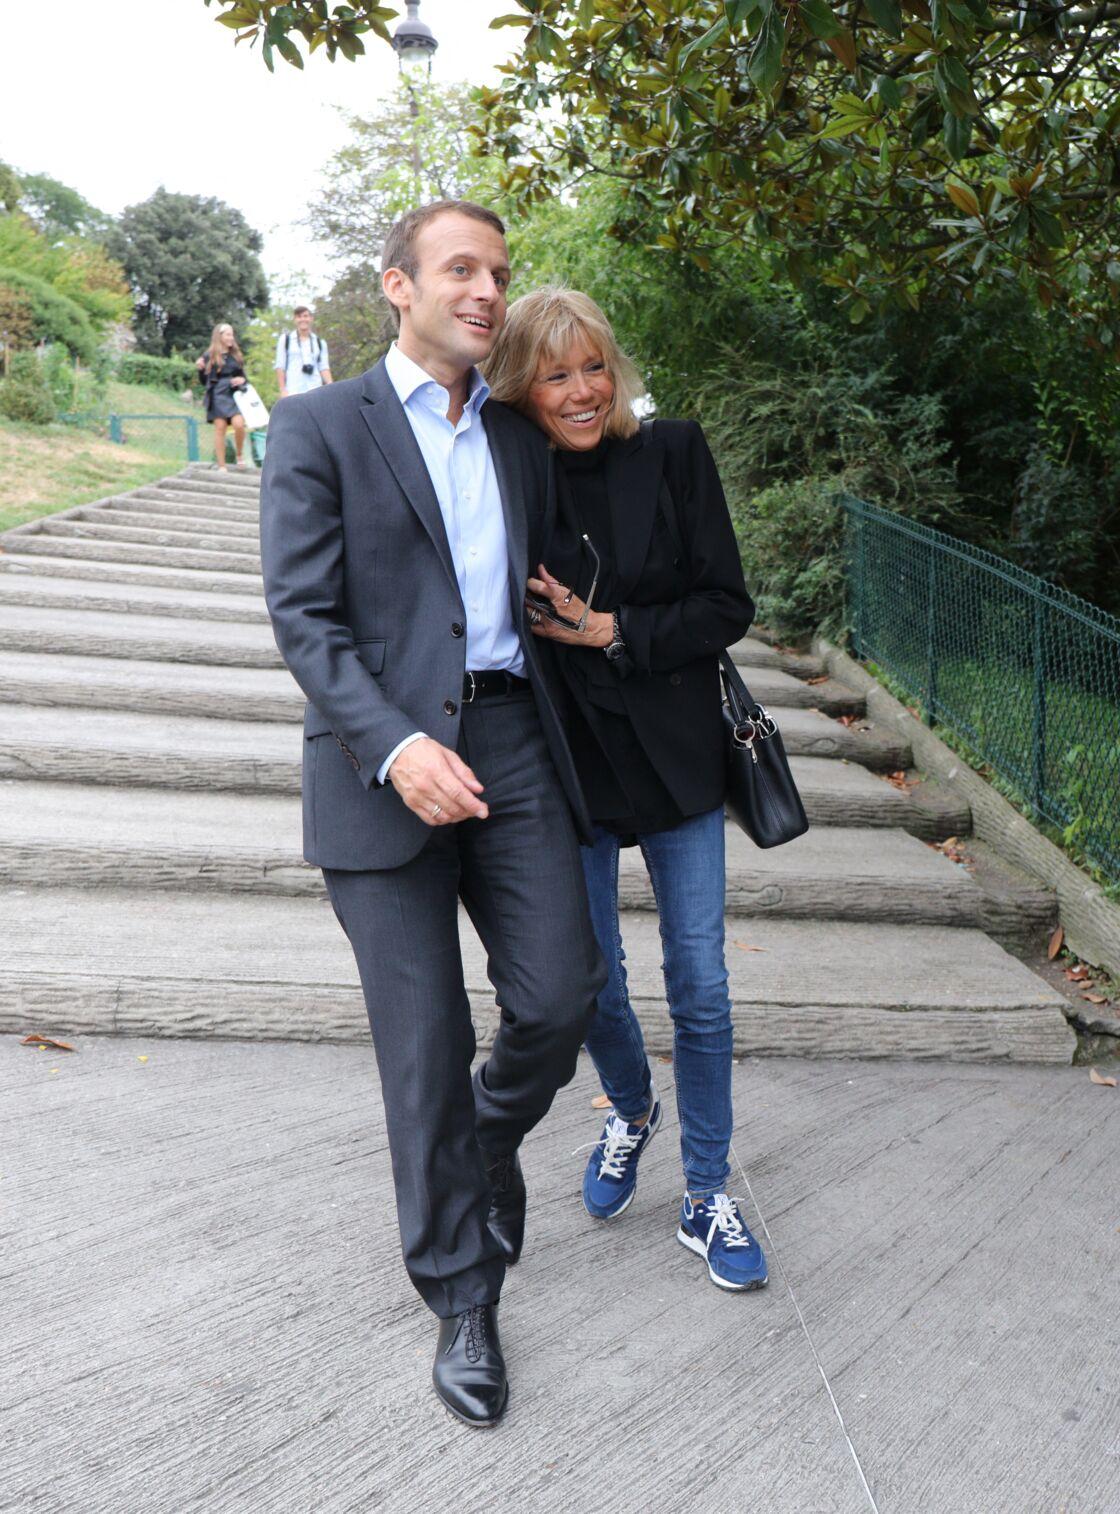 Ensemble depuis 1993, Emmanuel et Brigitte Macron semblent toujours aussi épris l'un de l'autre